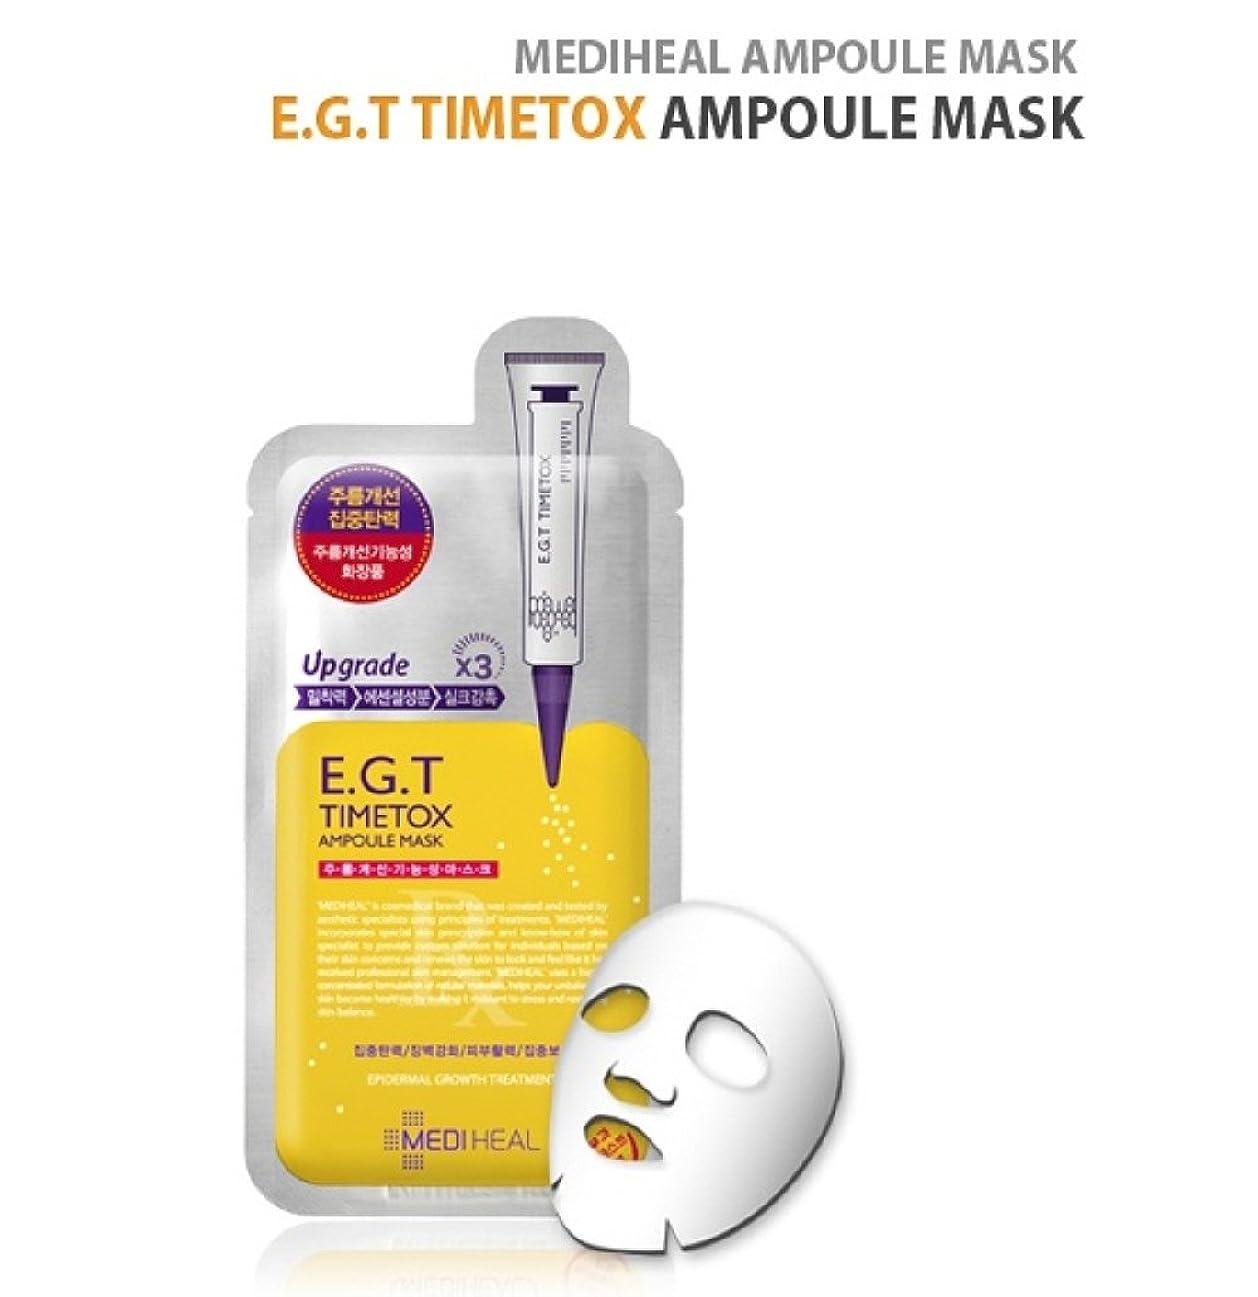 勇者安いです従順【メディヒール】Timetoxアンプルマスクパック (10枚)5Upgrade MEDIHEAL E.G.T Timetox Ampule Mask Pack REX 10 piece [並行輸入品]